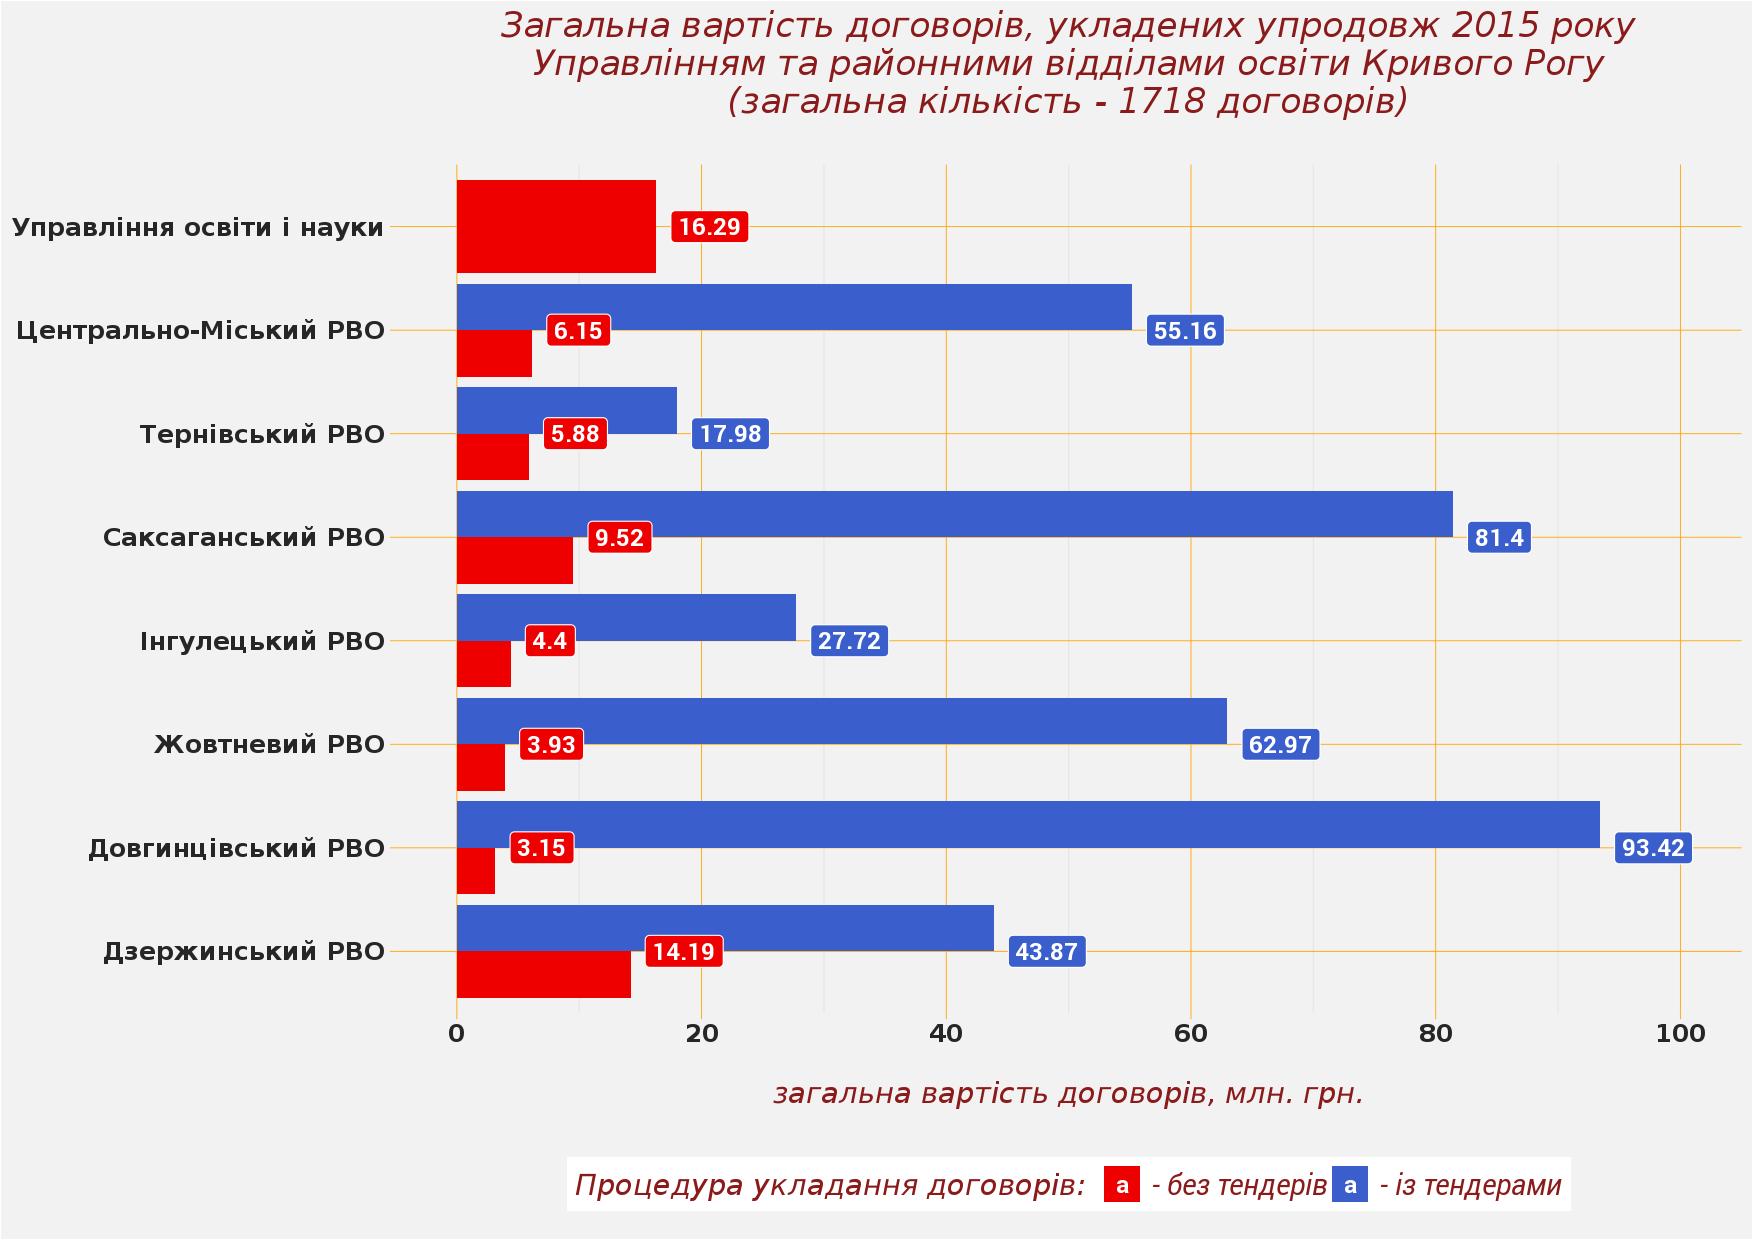 Загальна вартість договорів, укладених упродовж 2015 року Управлінням та районними відділами освіти Кривого Рогу